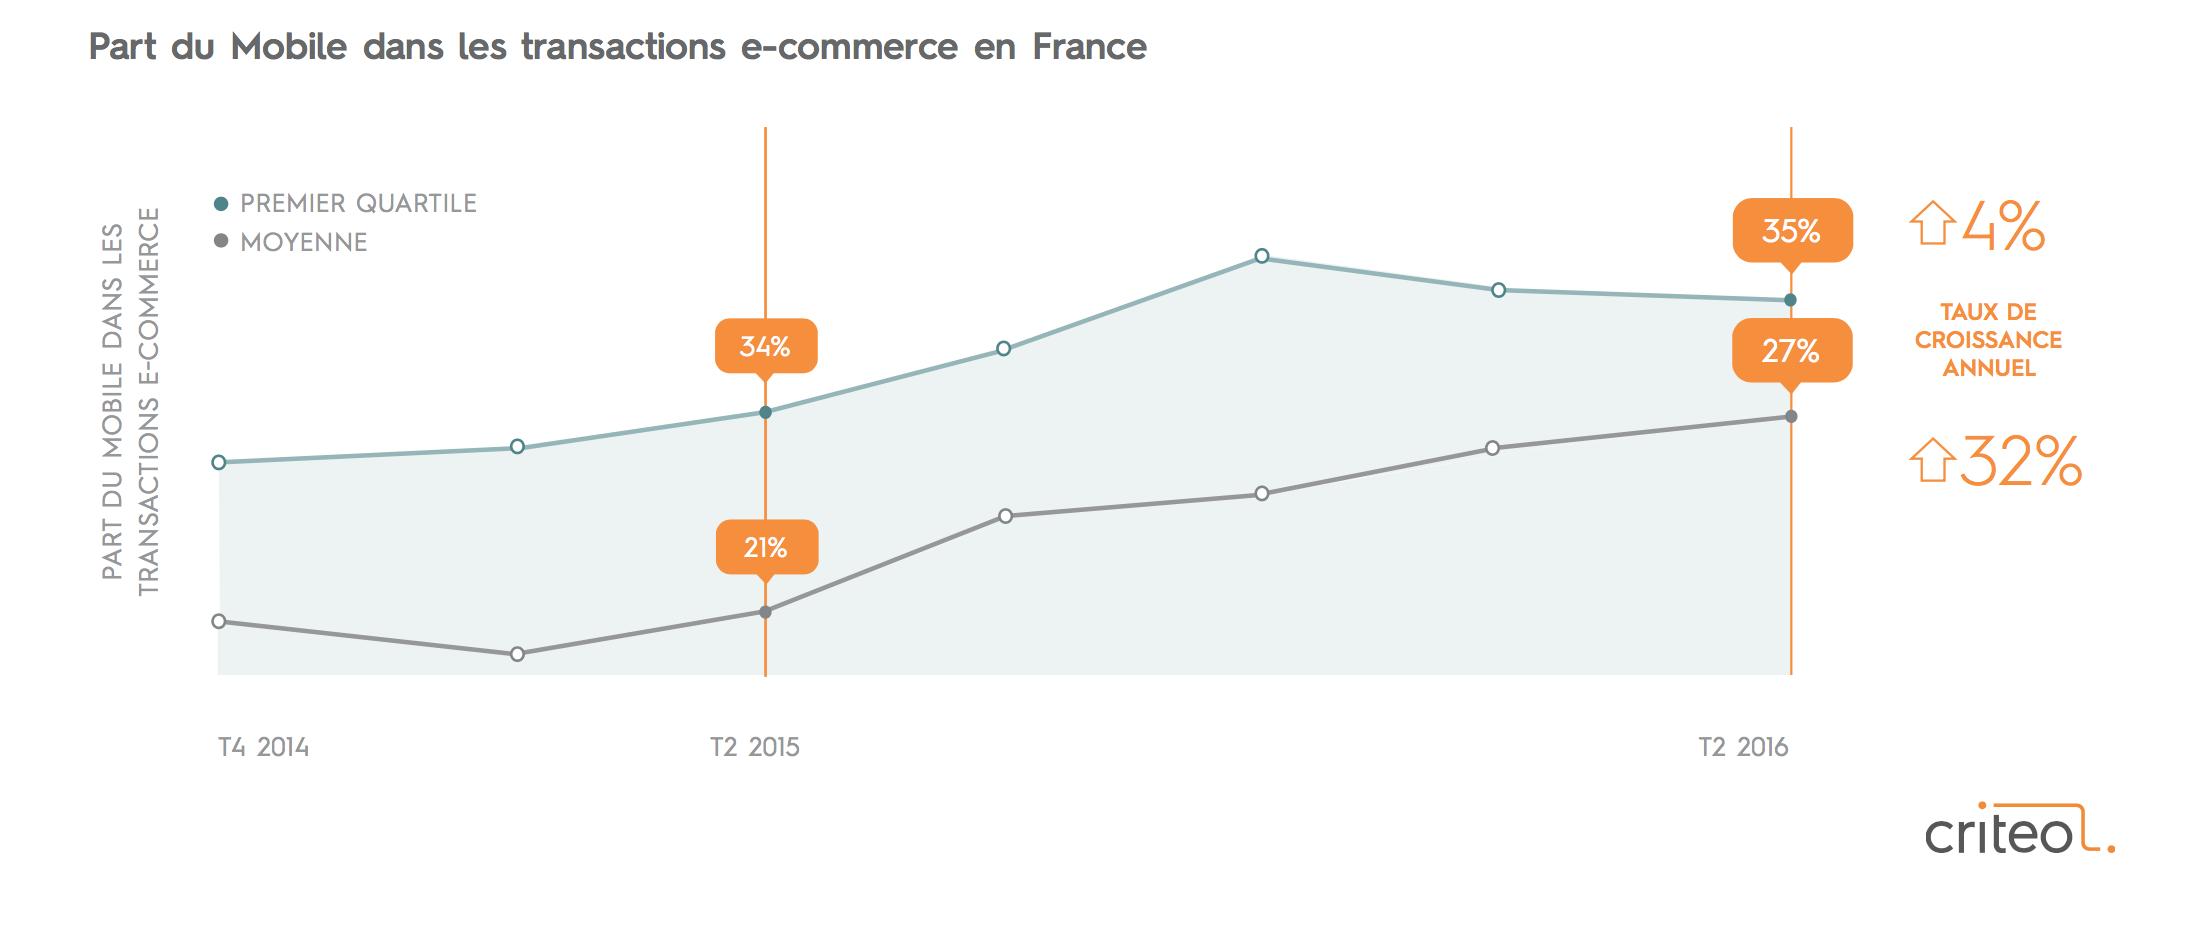 M-commerce : le smartphone domine le marché et continue son expansion